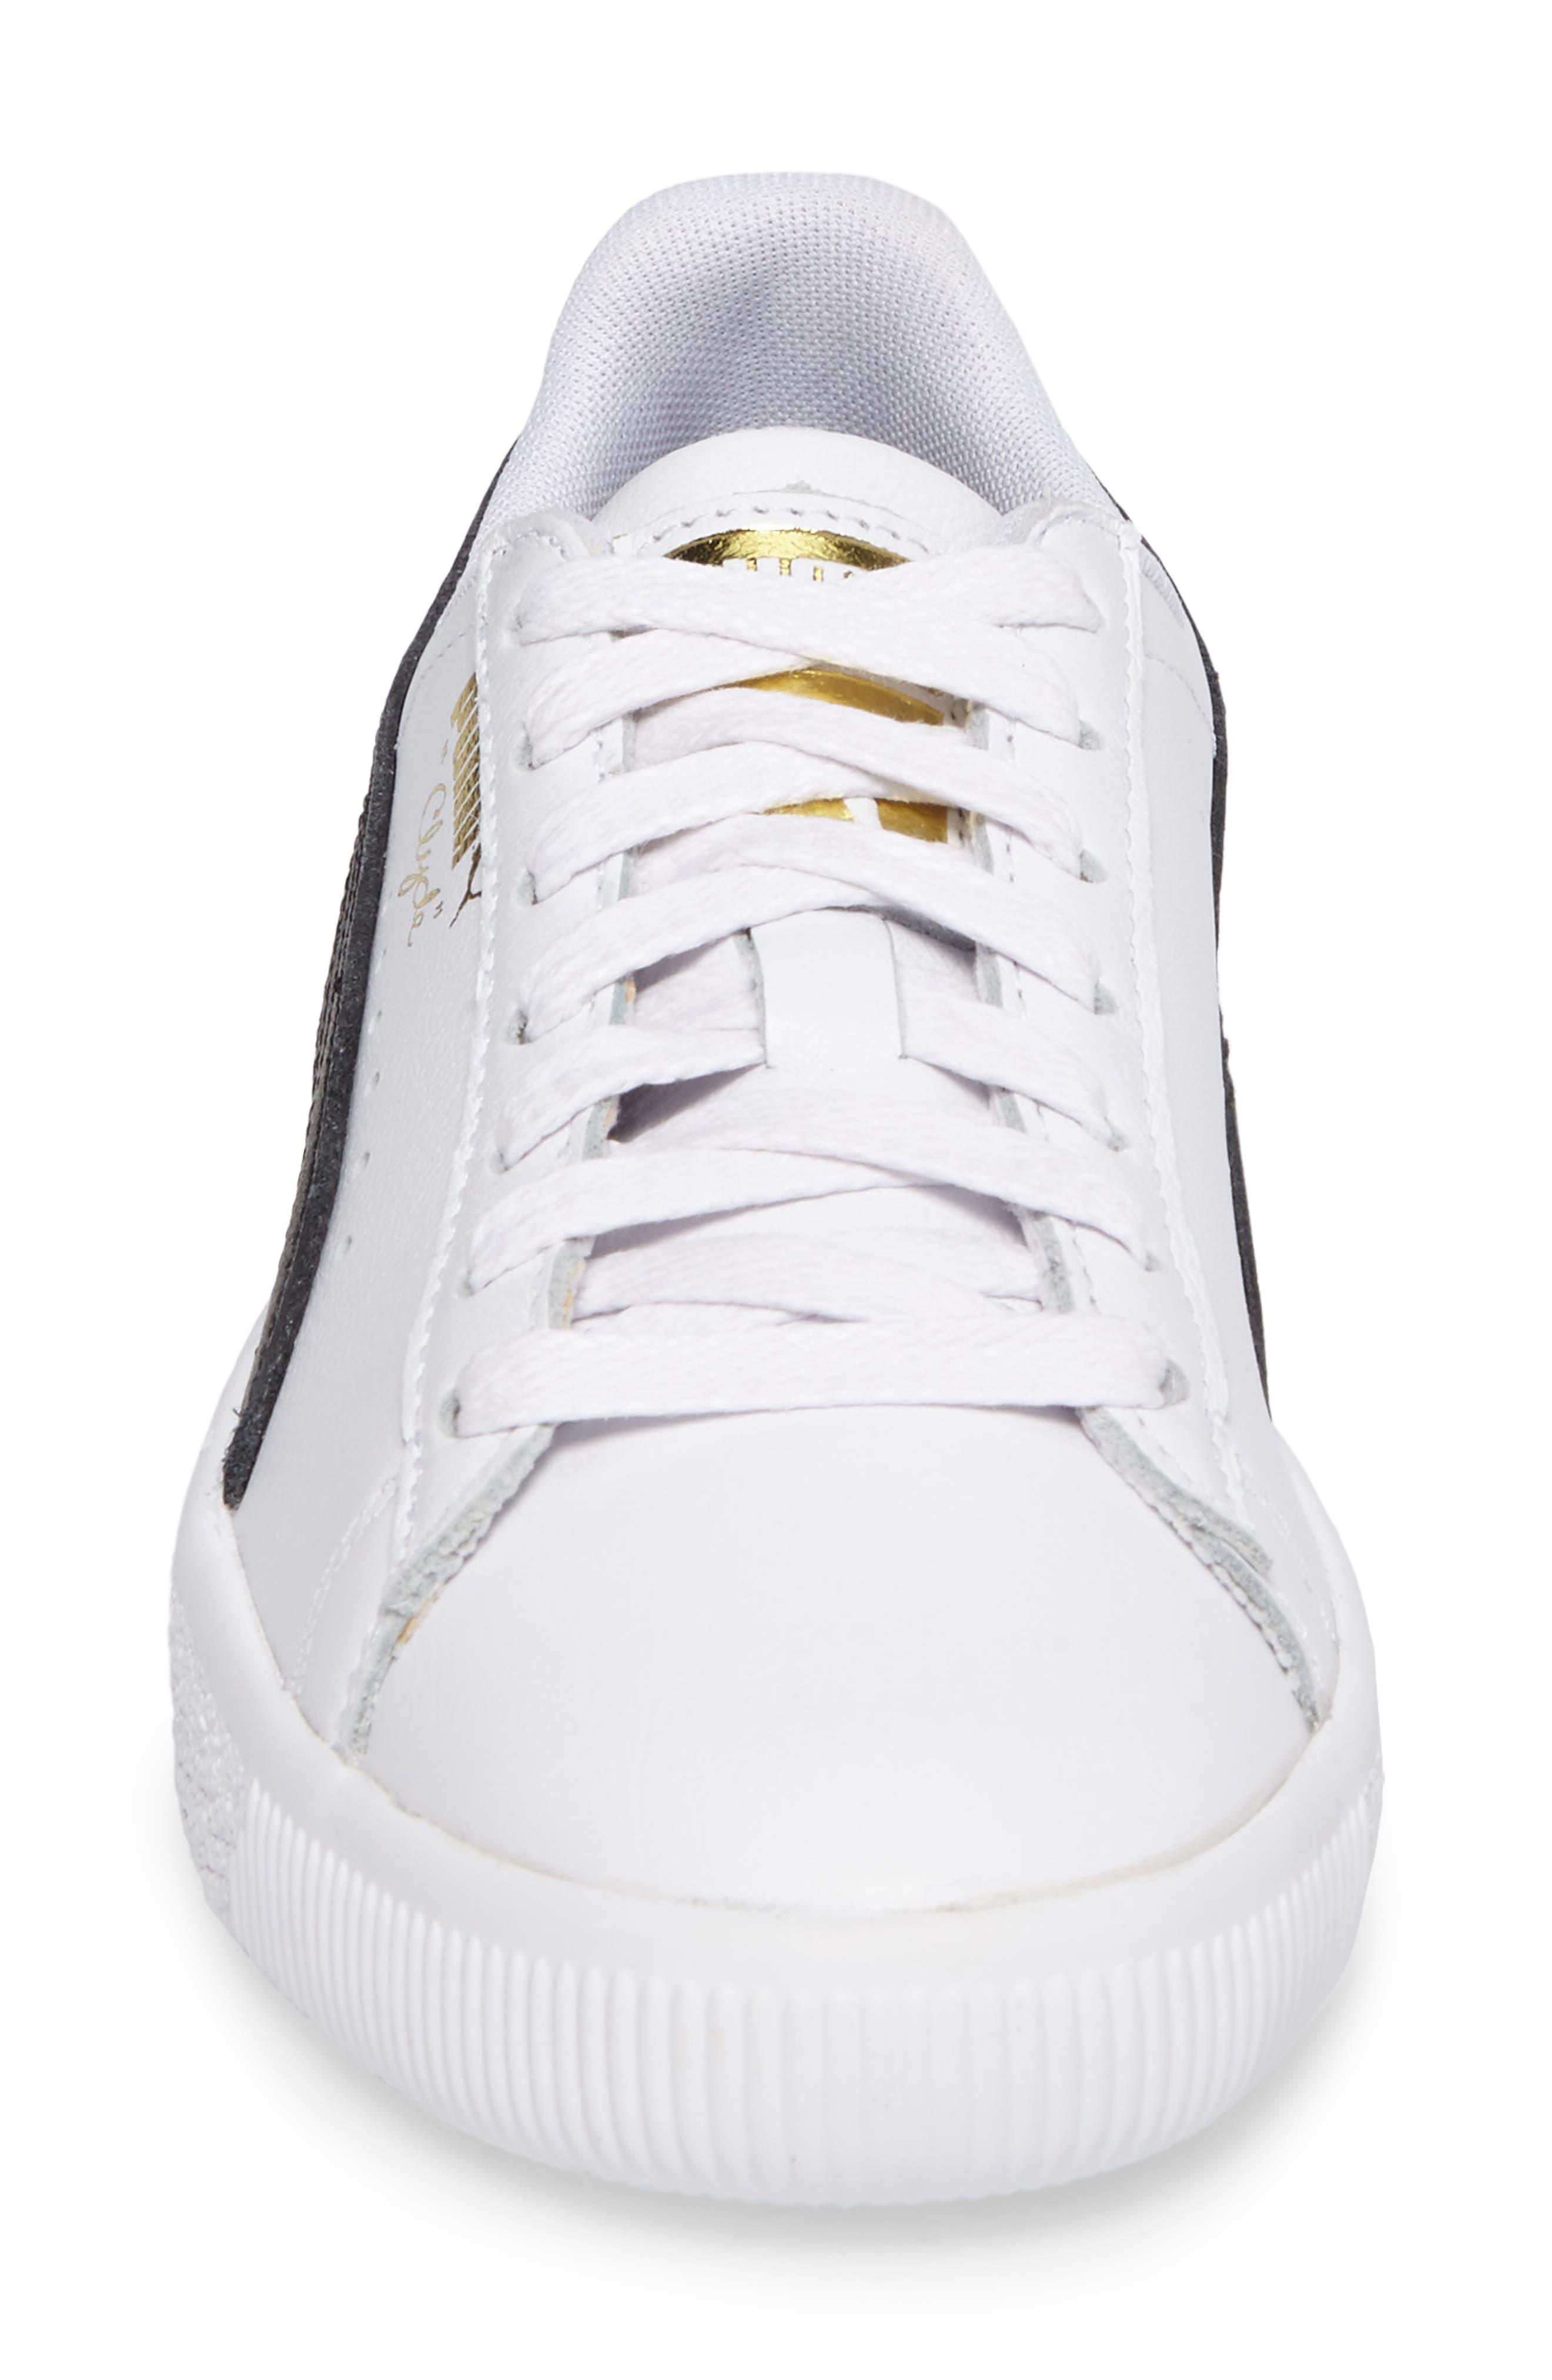 Clyde Sneaker,                             Alternate thumbnail 4, color,                             WHITE/ BLACK/ GOLD